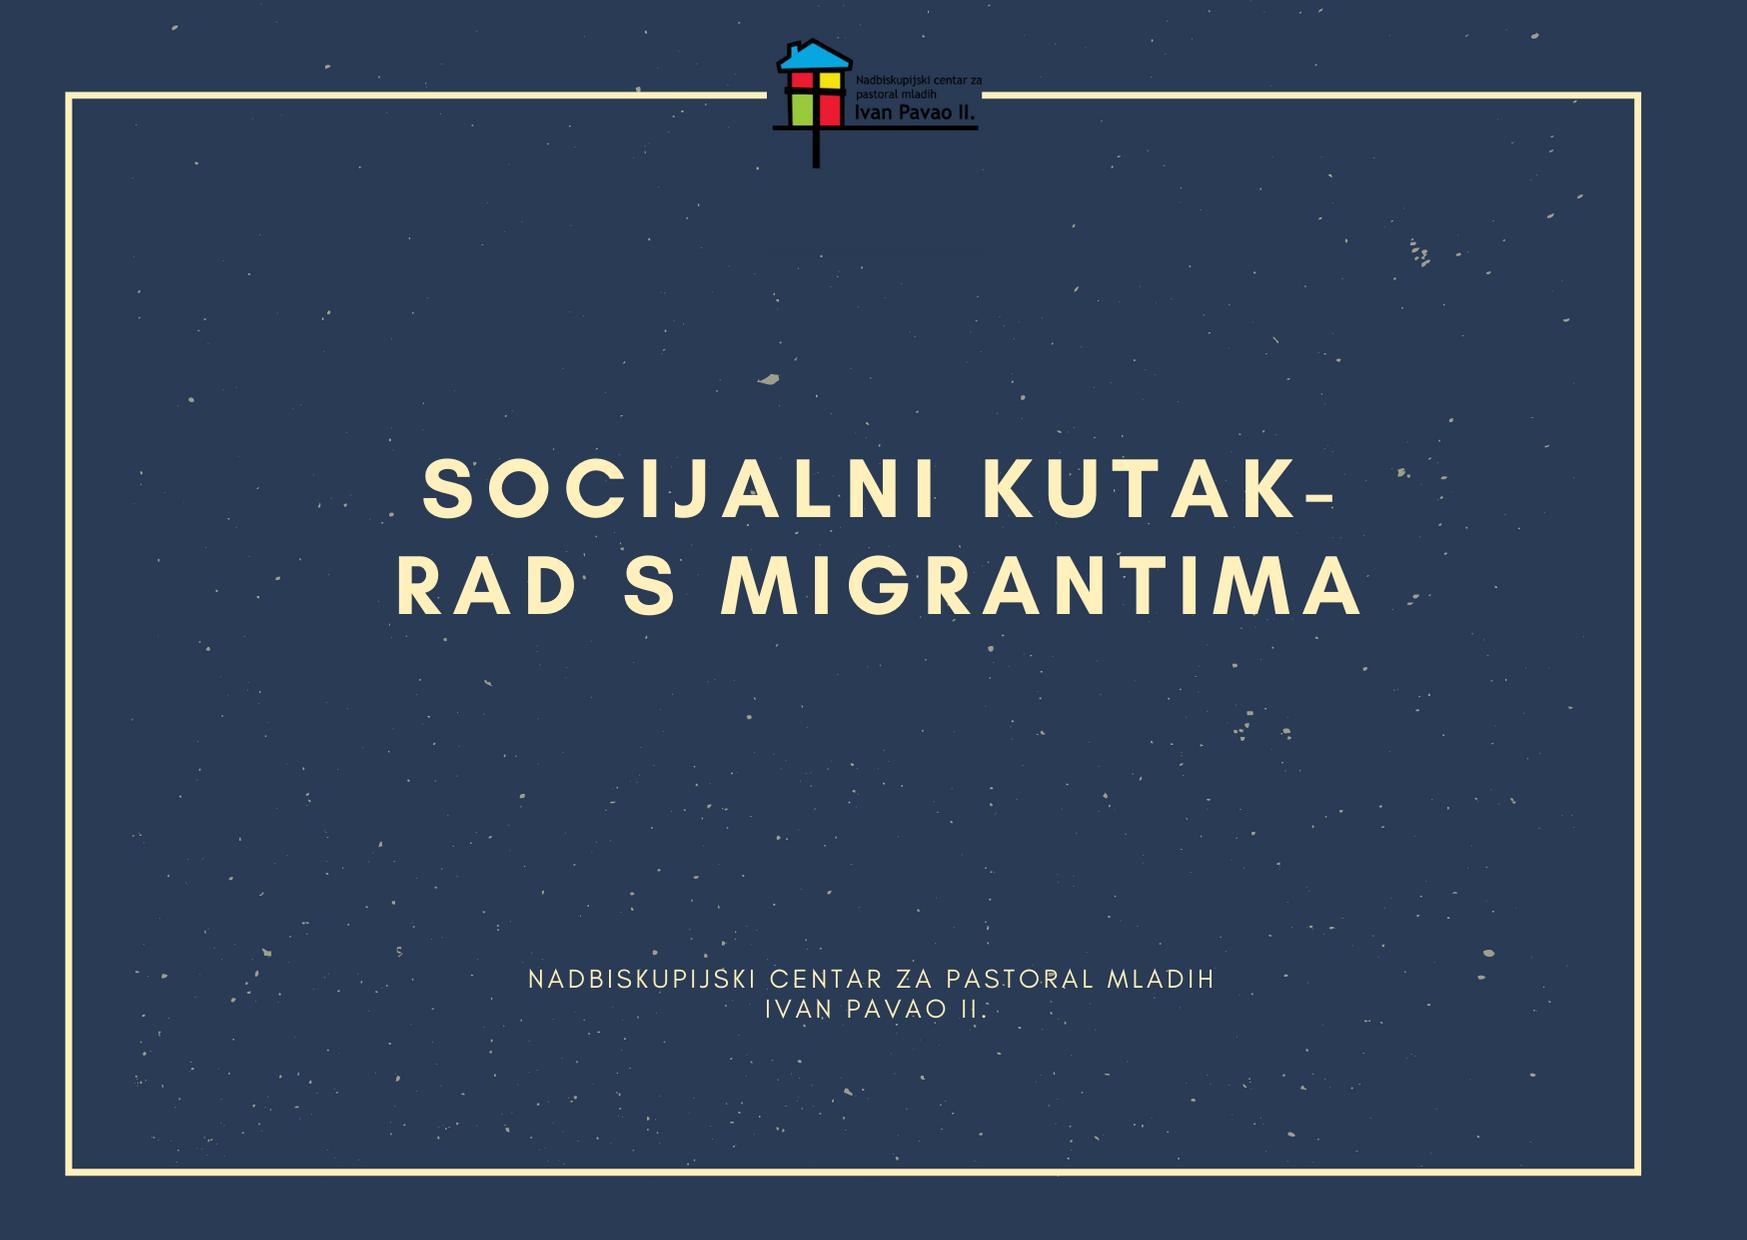 Socijalni kutak- rad s migrantima